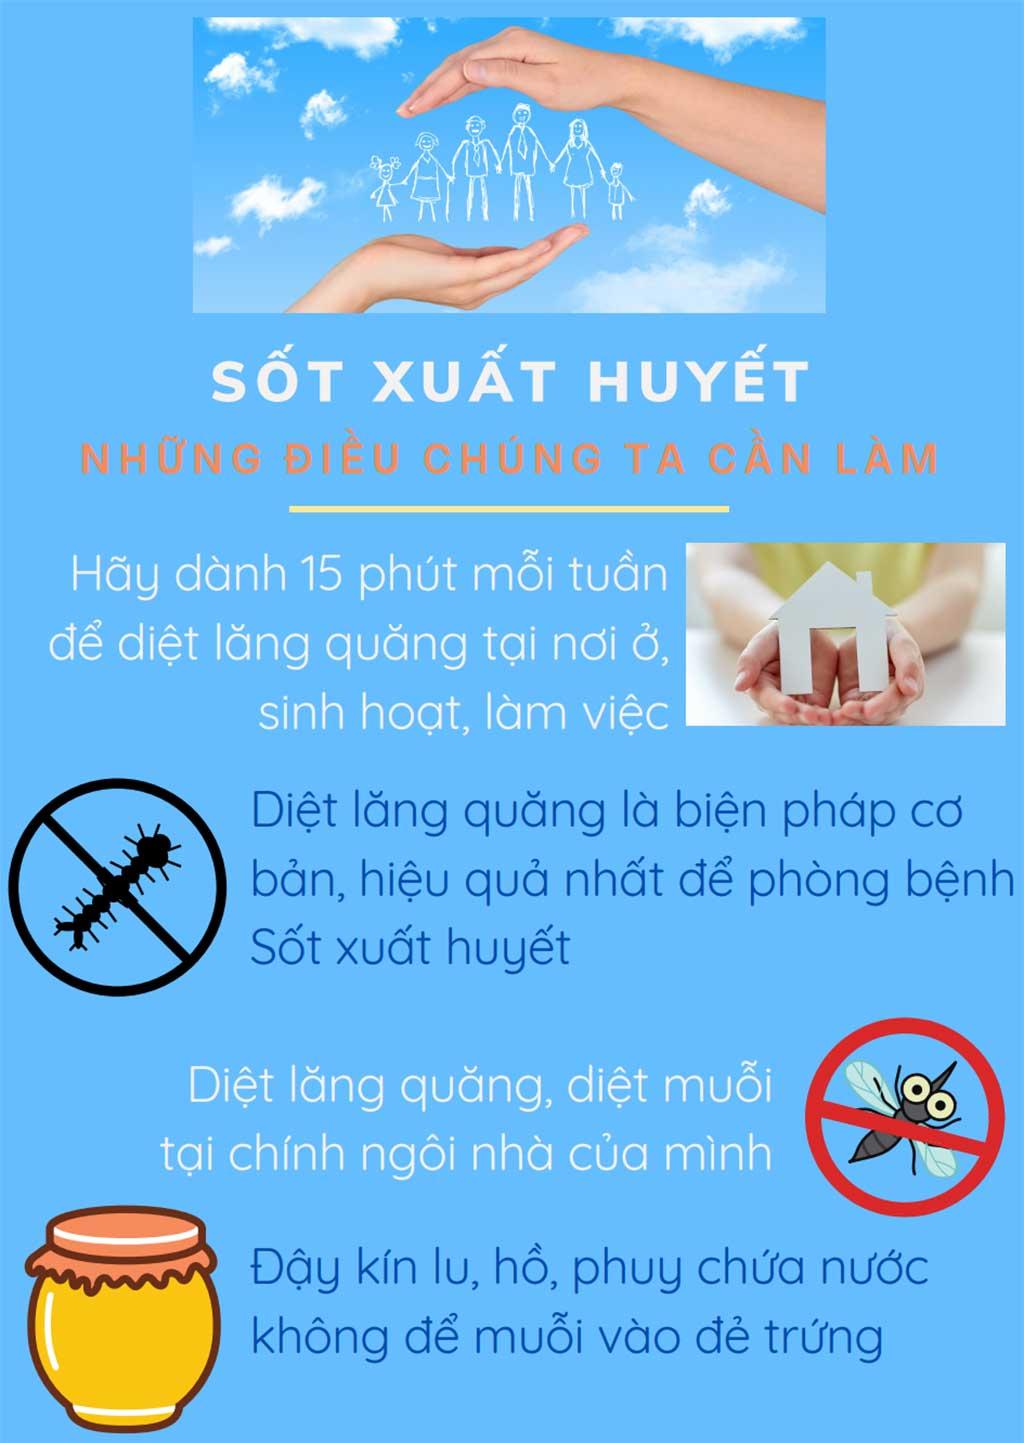 Sốt xuất huyết - Những điều chúng ta cần làm - Taimuihongsg.com